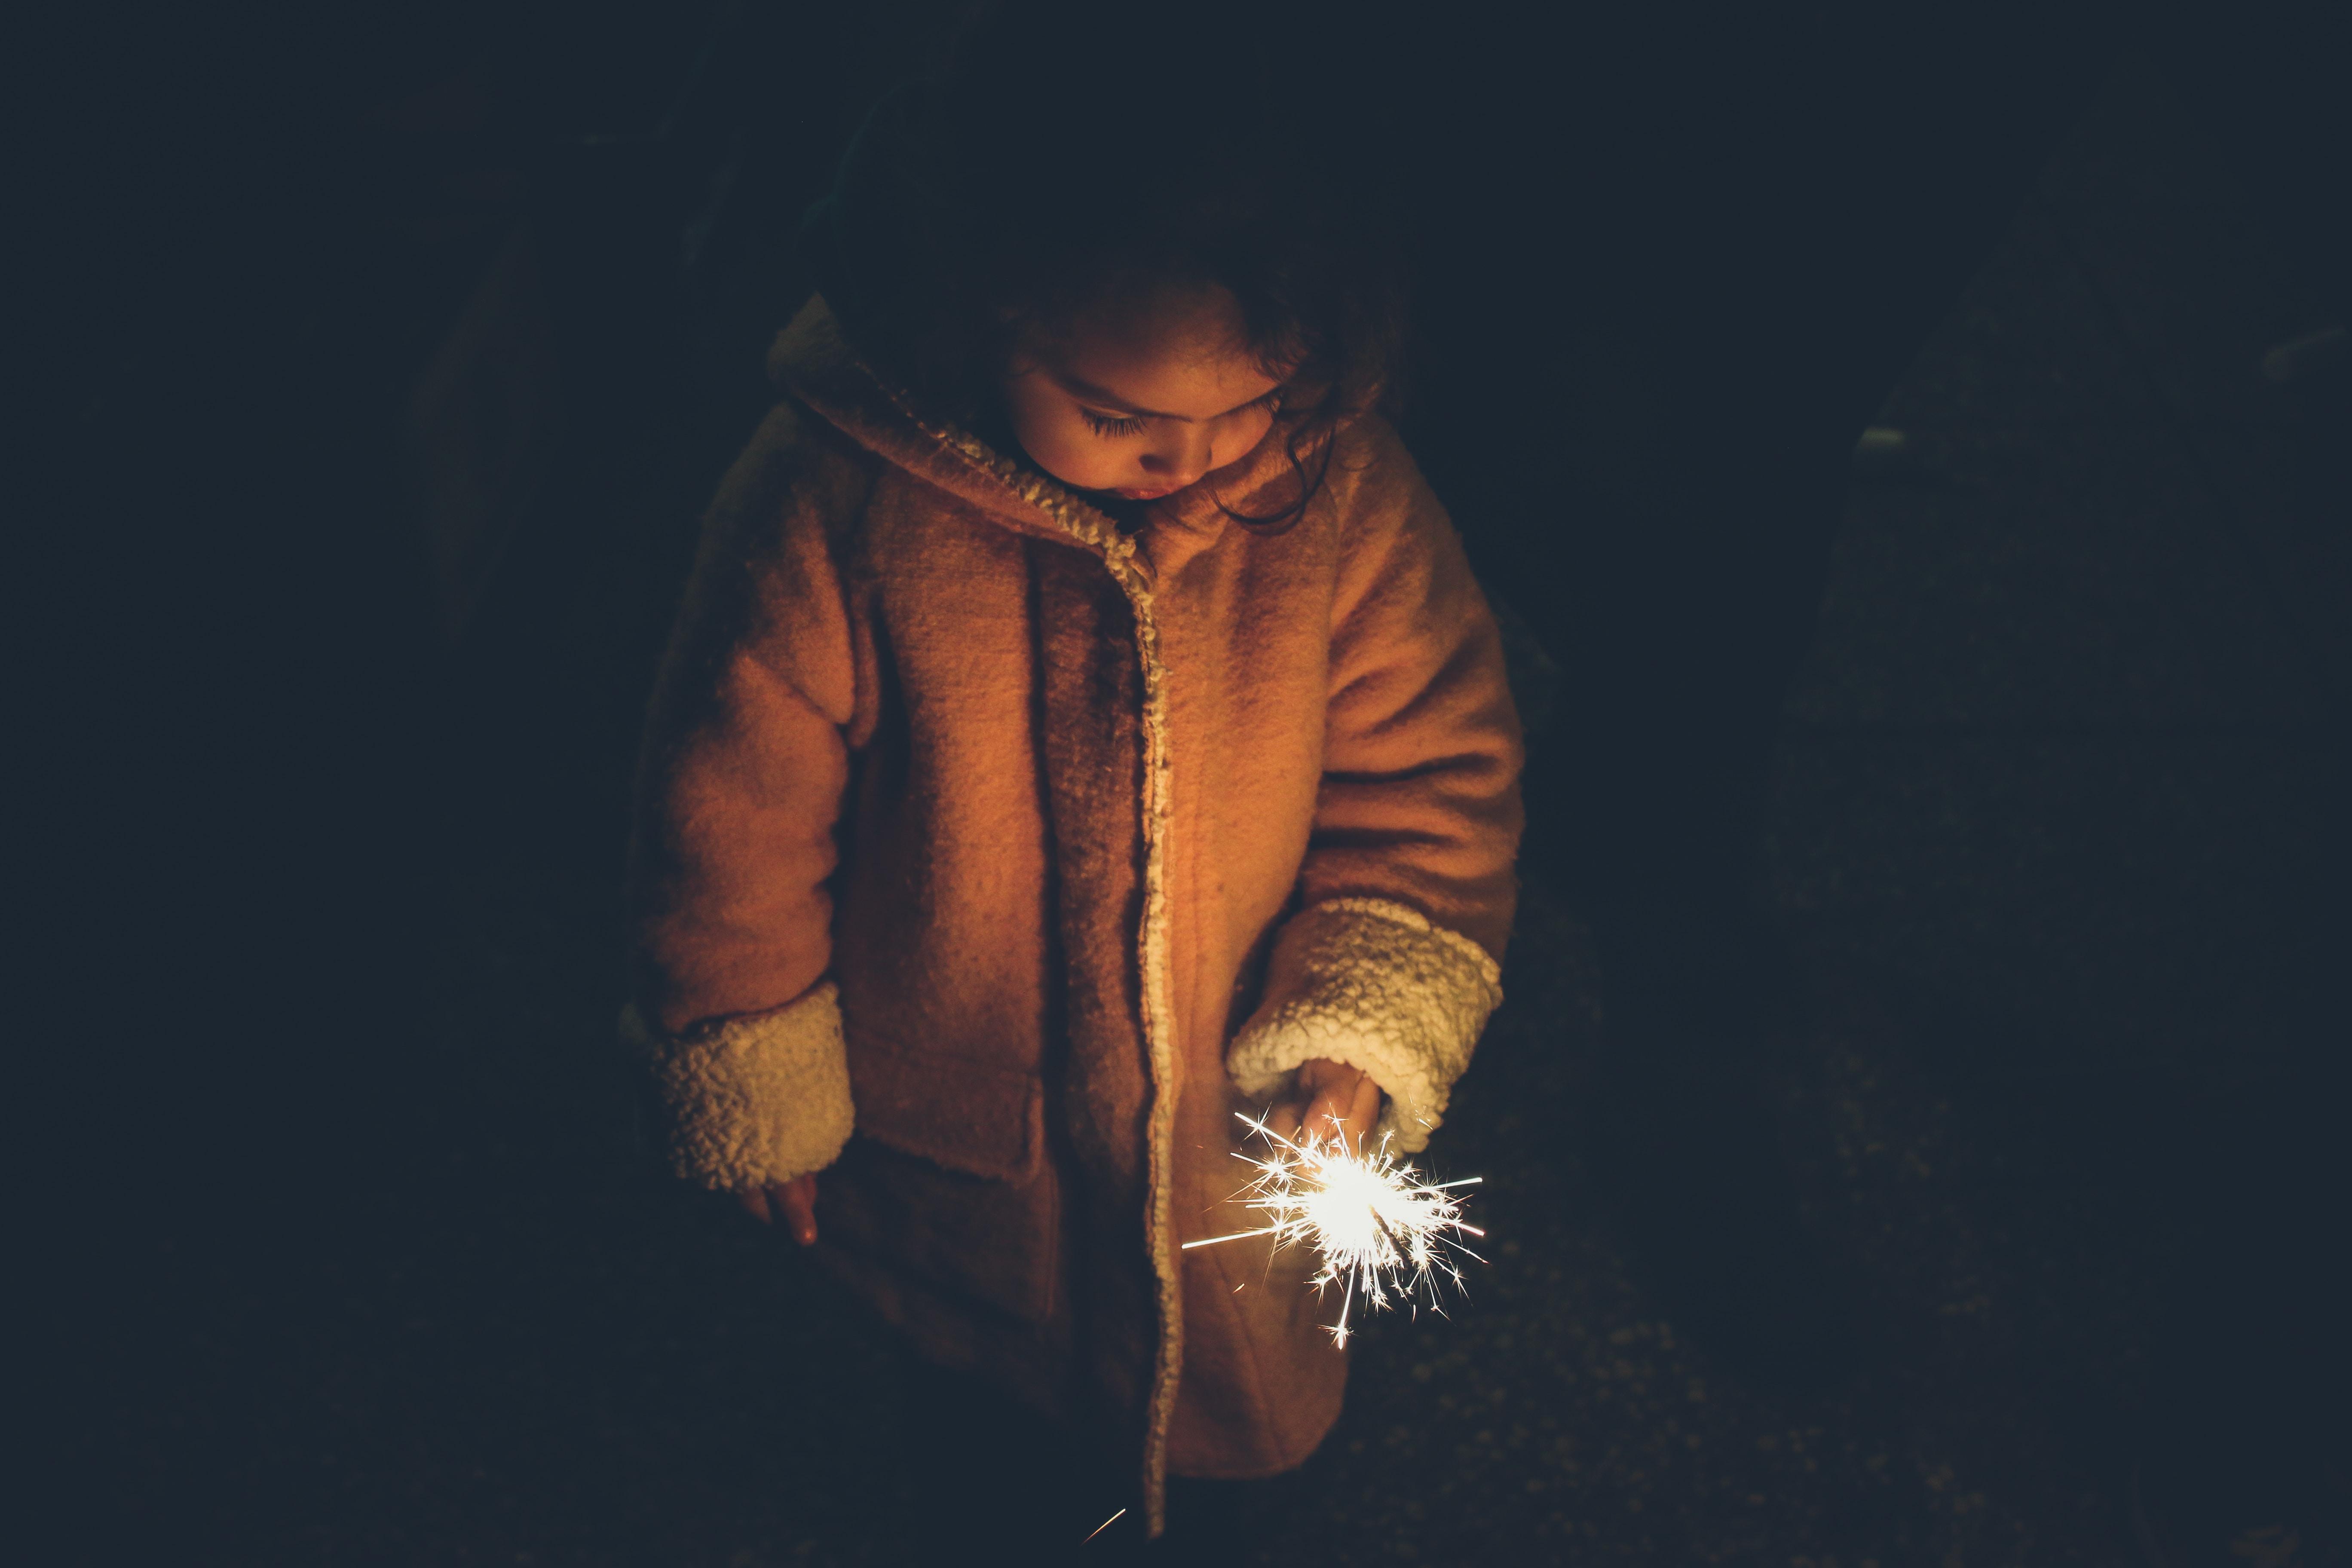 girl holding sparkler at nighttime